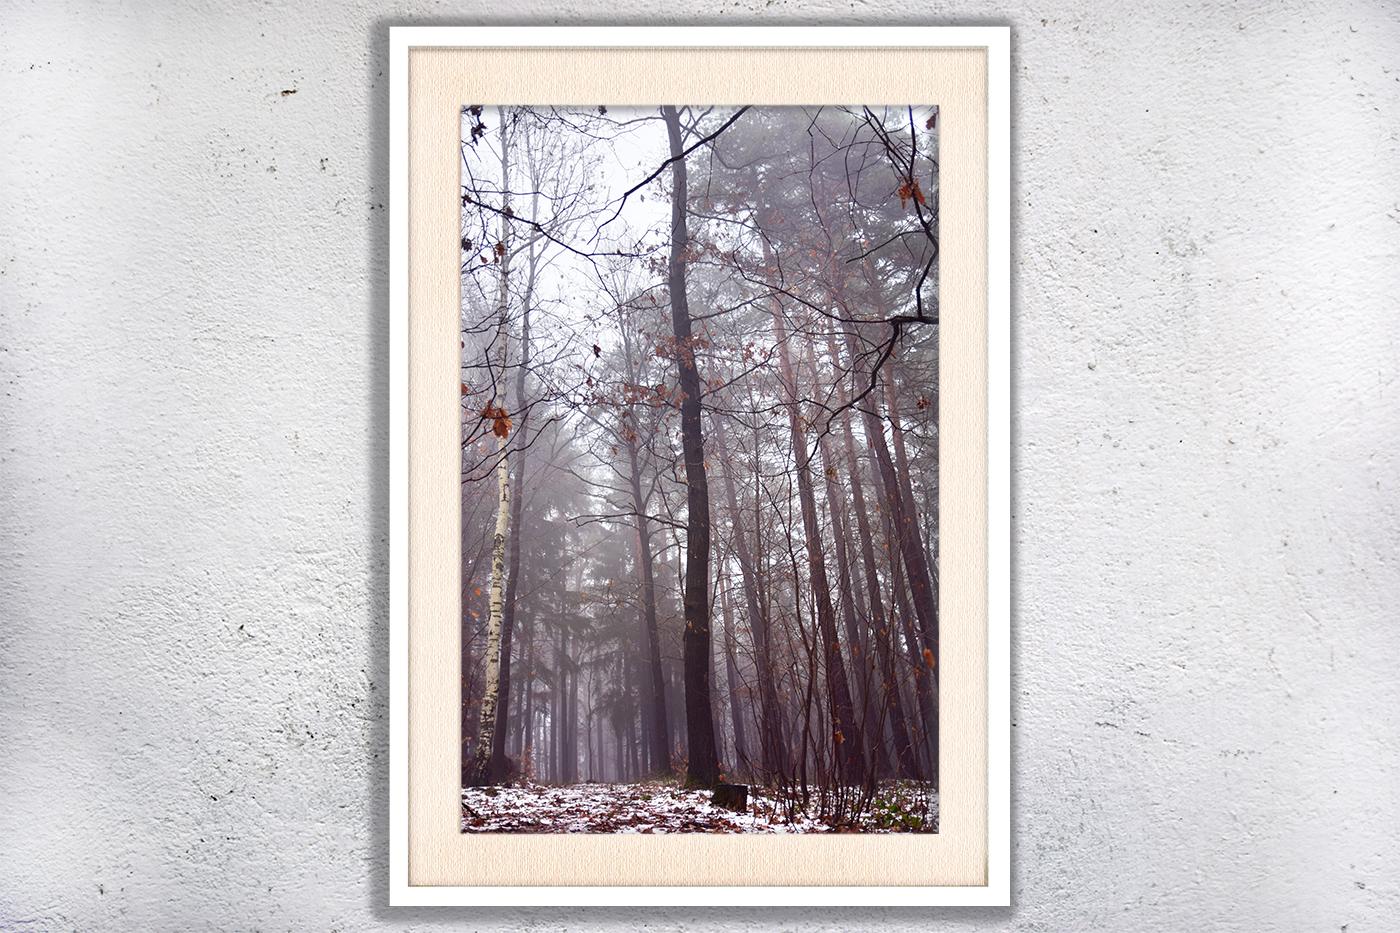 Nature photo, landscape photo, forest photo, winter photo example image 3